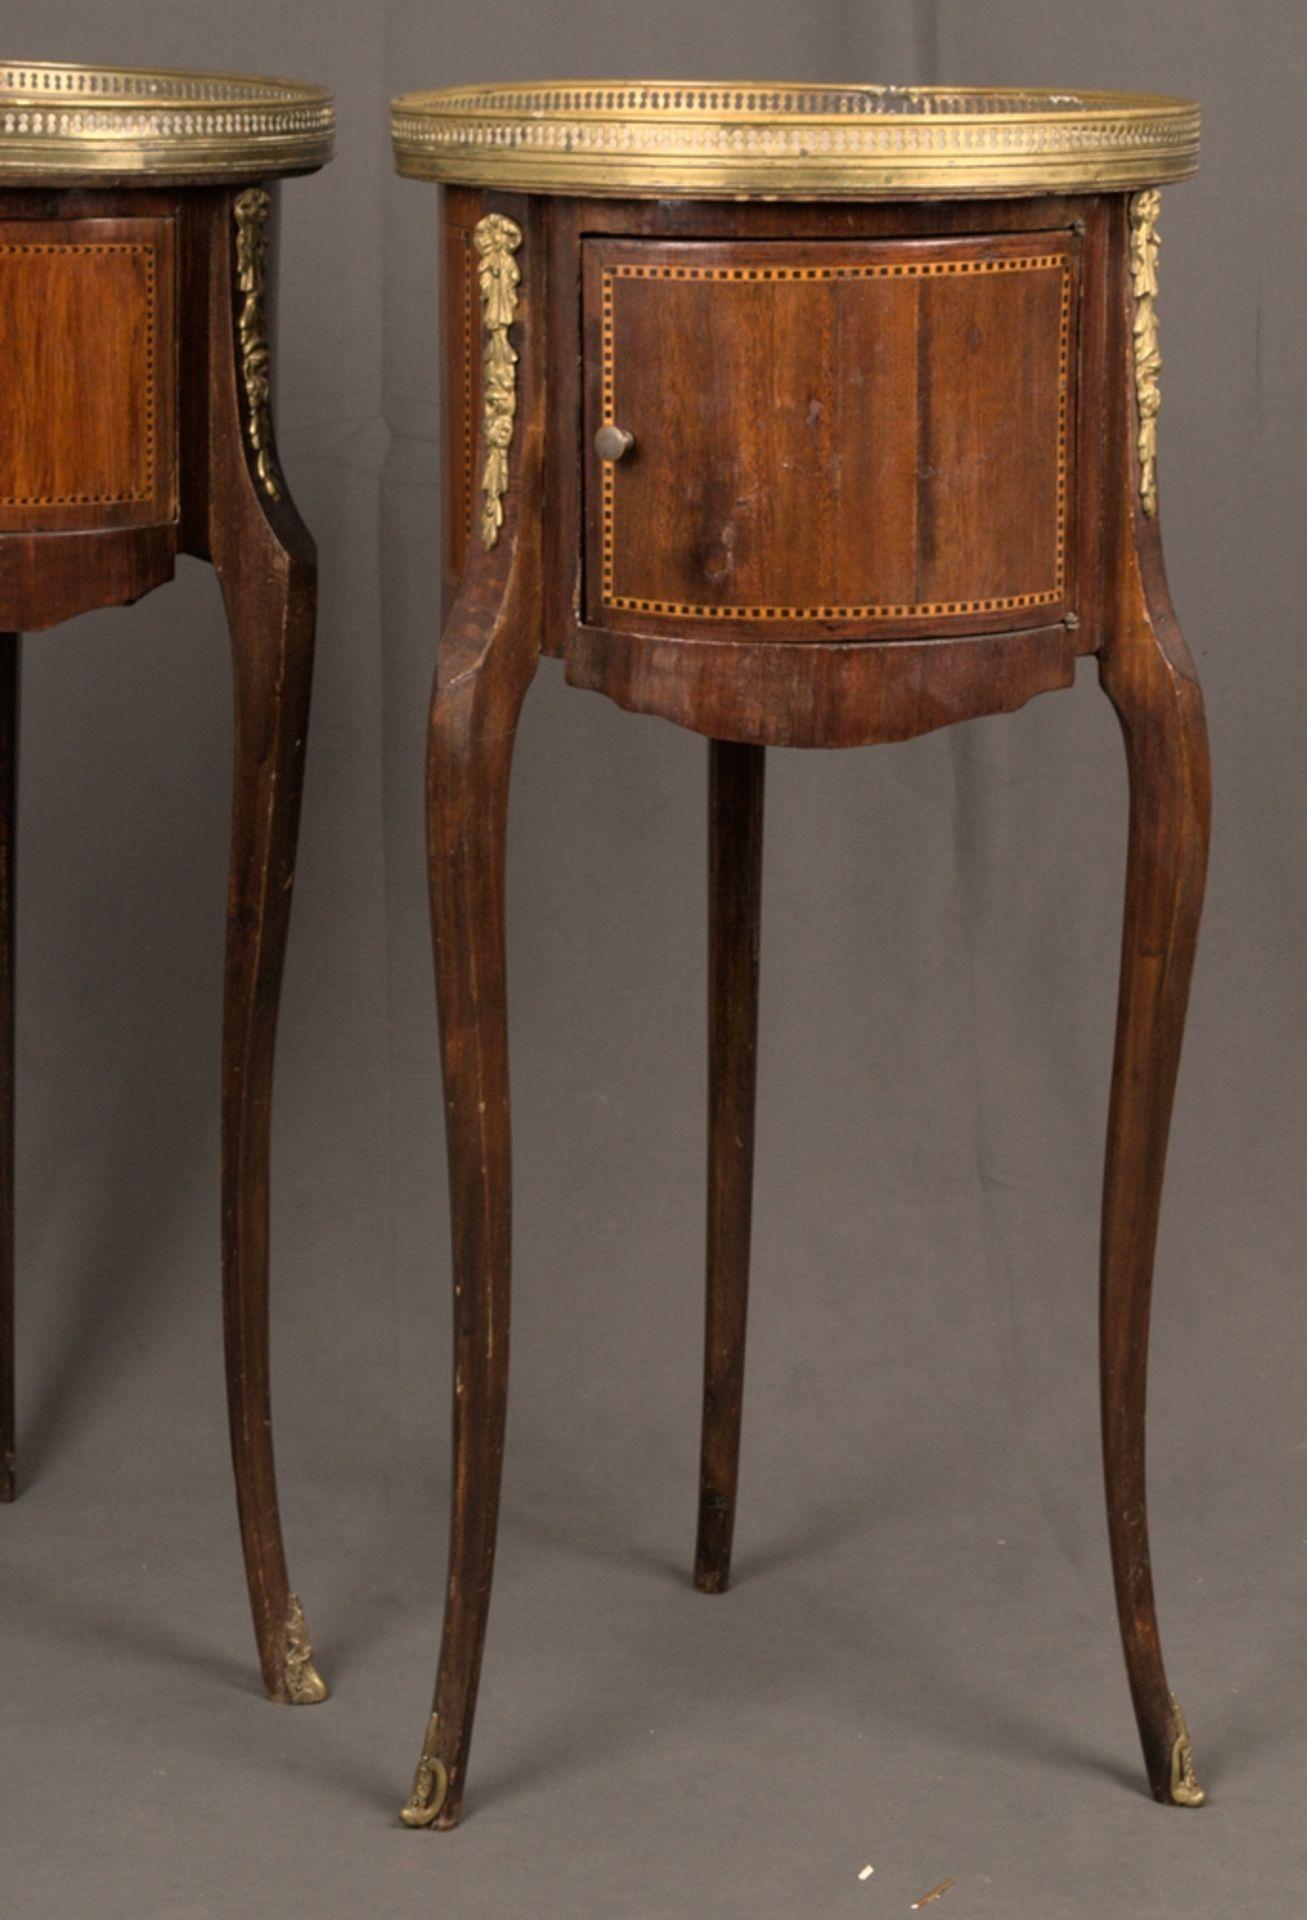 Paar eleganter, dreibeiniger Beistelltische sog. Gueridons, Frankreich 19./20. Jhd. Eintüriger - Bild 5 aus 19